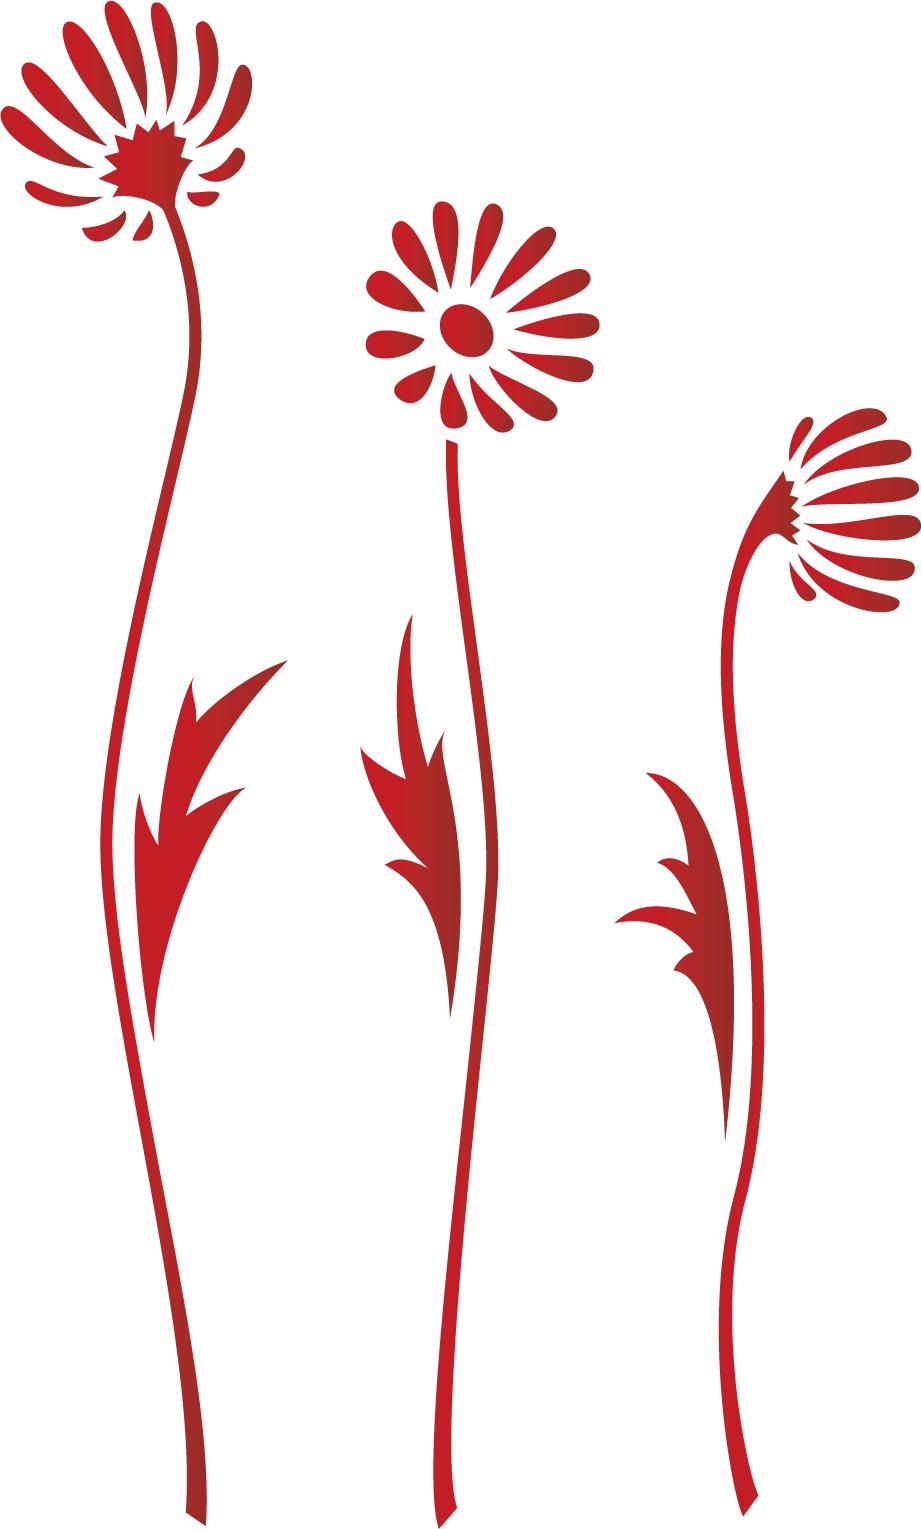 Наклейки Les Decoratives Трафарет LD, LD0706LD0706Шаблон для нанесения рисунка красками на самоклеющейся основе, для одноразового применения. Для нанесения краски используйте губку или малярный валик. Размер 20см*30см. Рисунок ромашки.